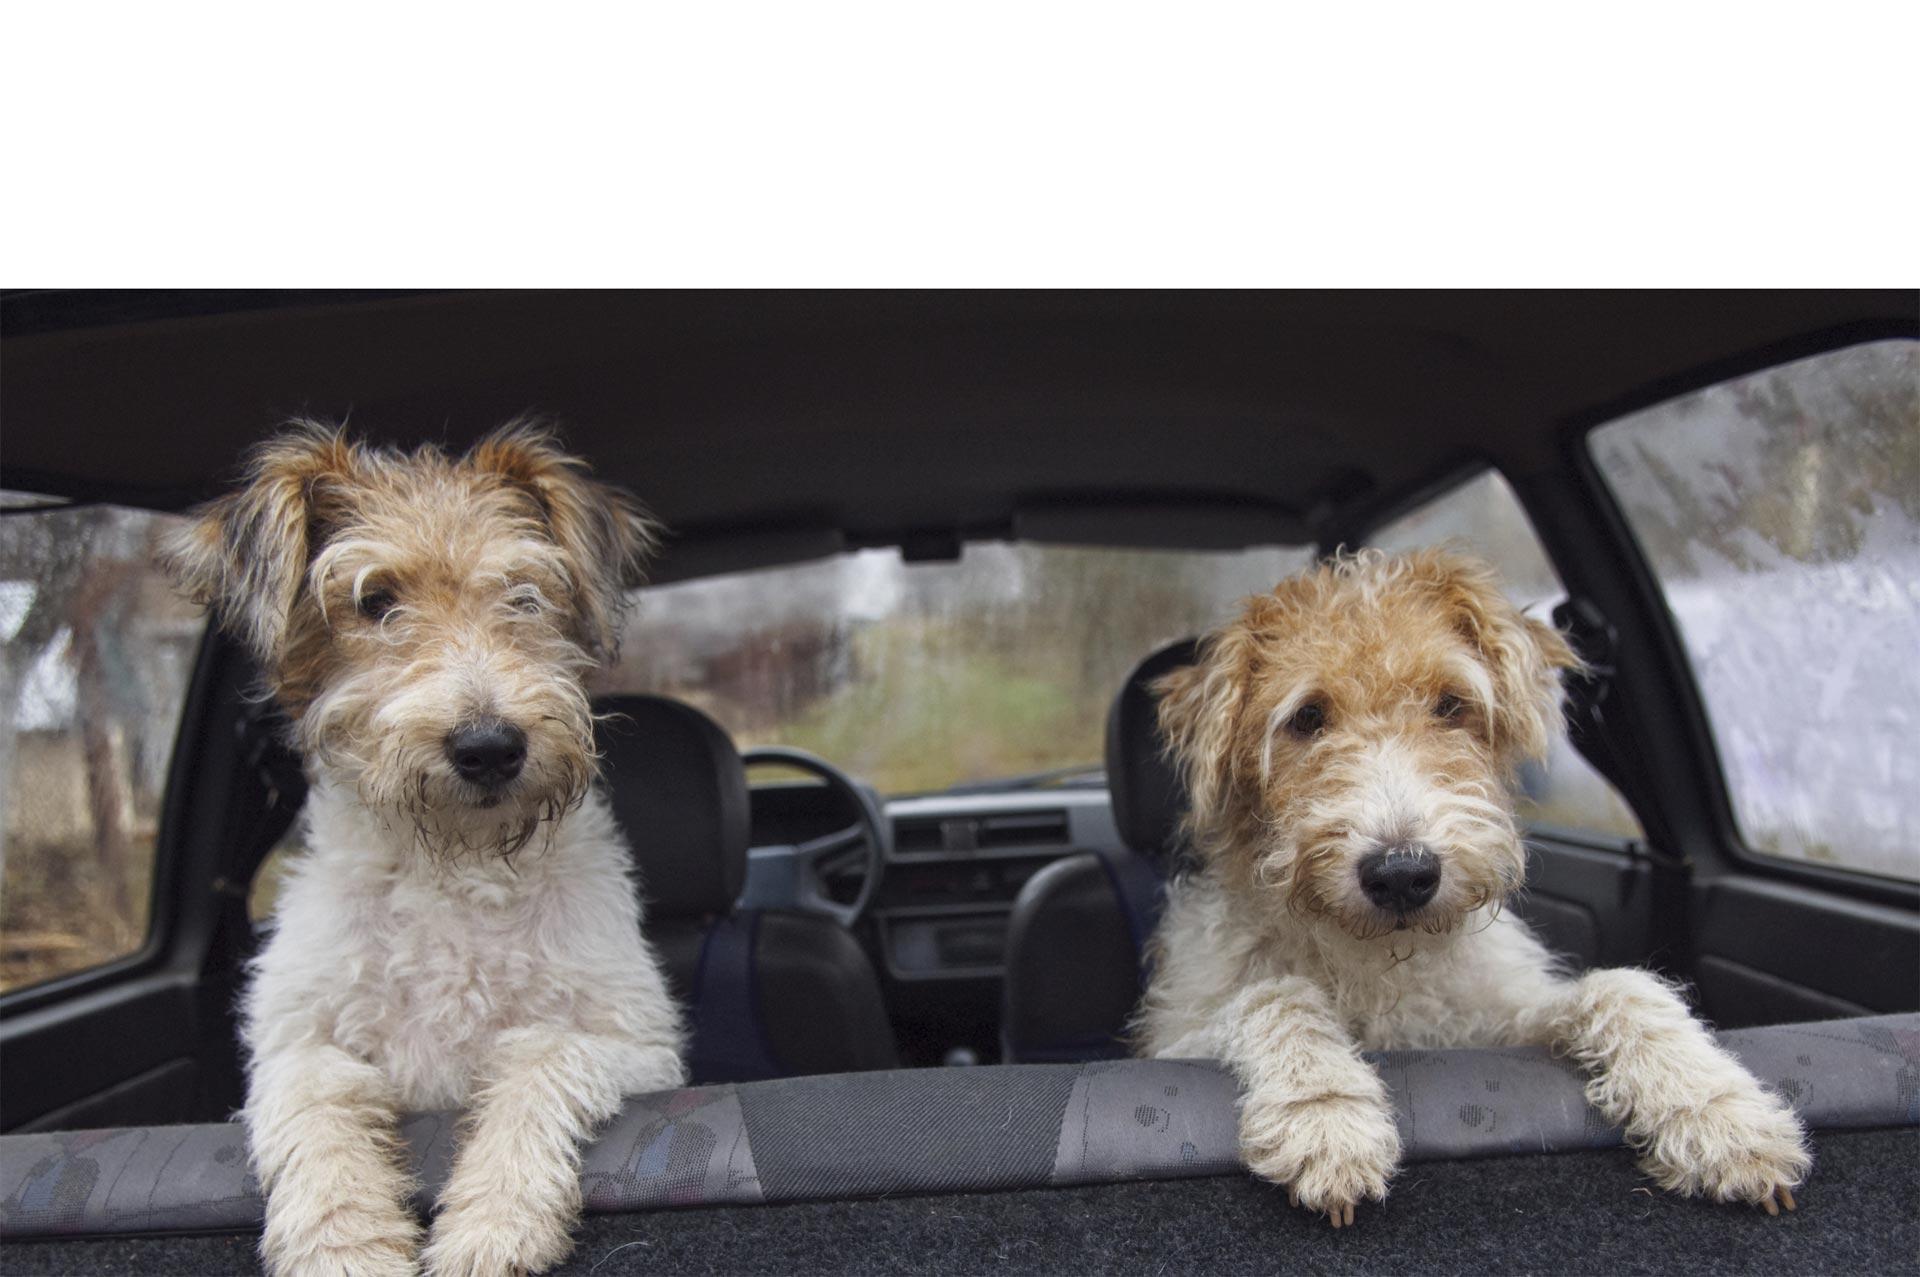 Si viajar con tu perro se vuelve complicado porque es incómodo para él, en este artículo te ofrecemos una serie de soluciones para ambos